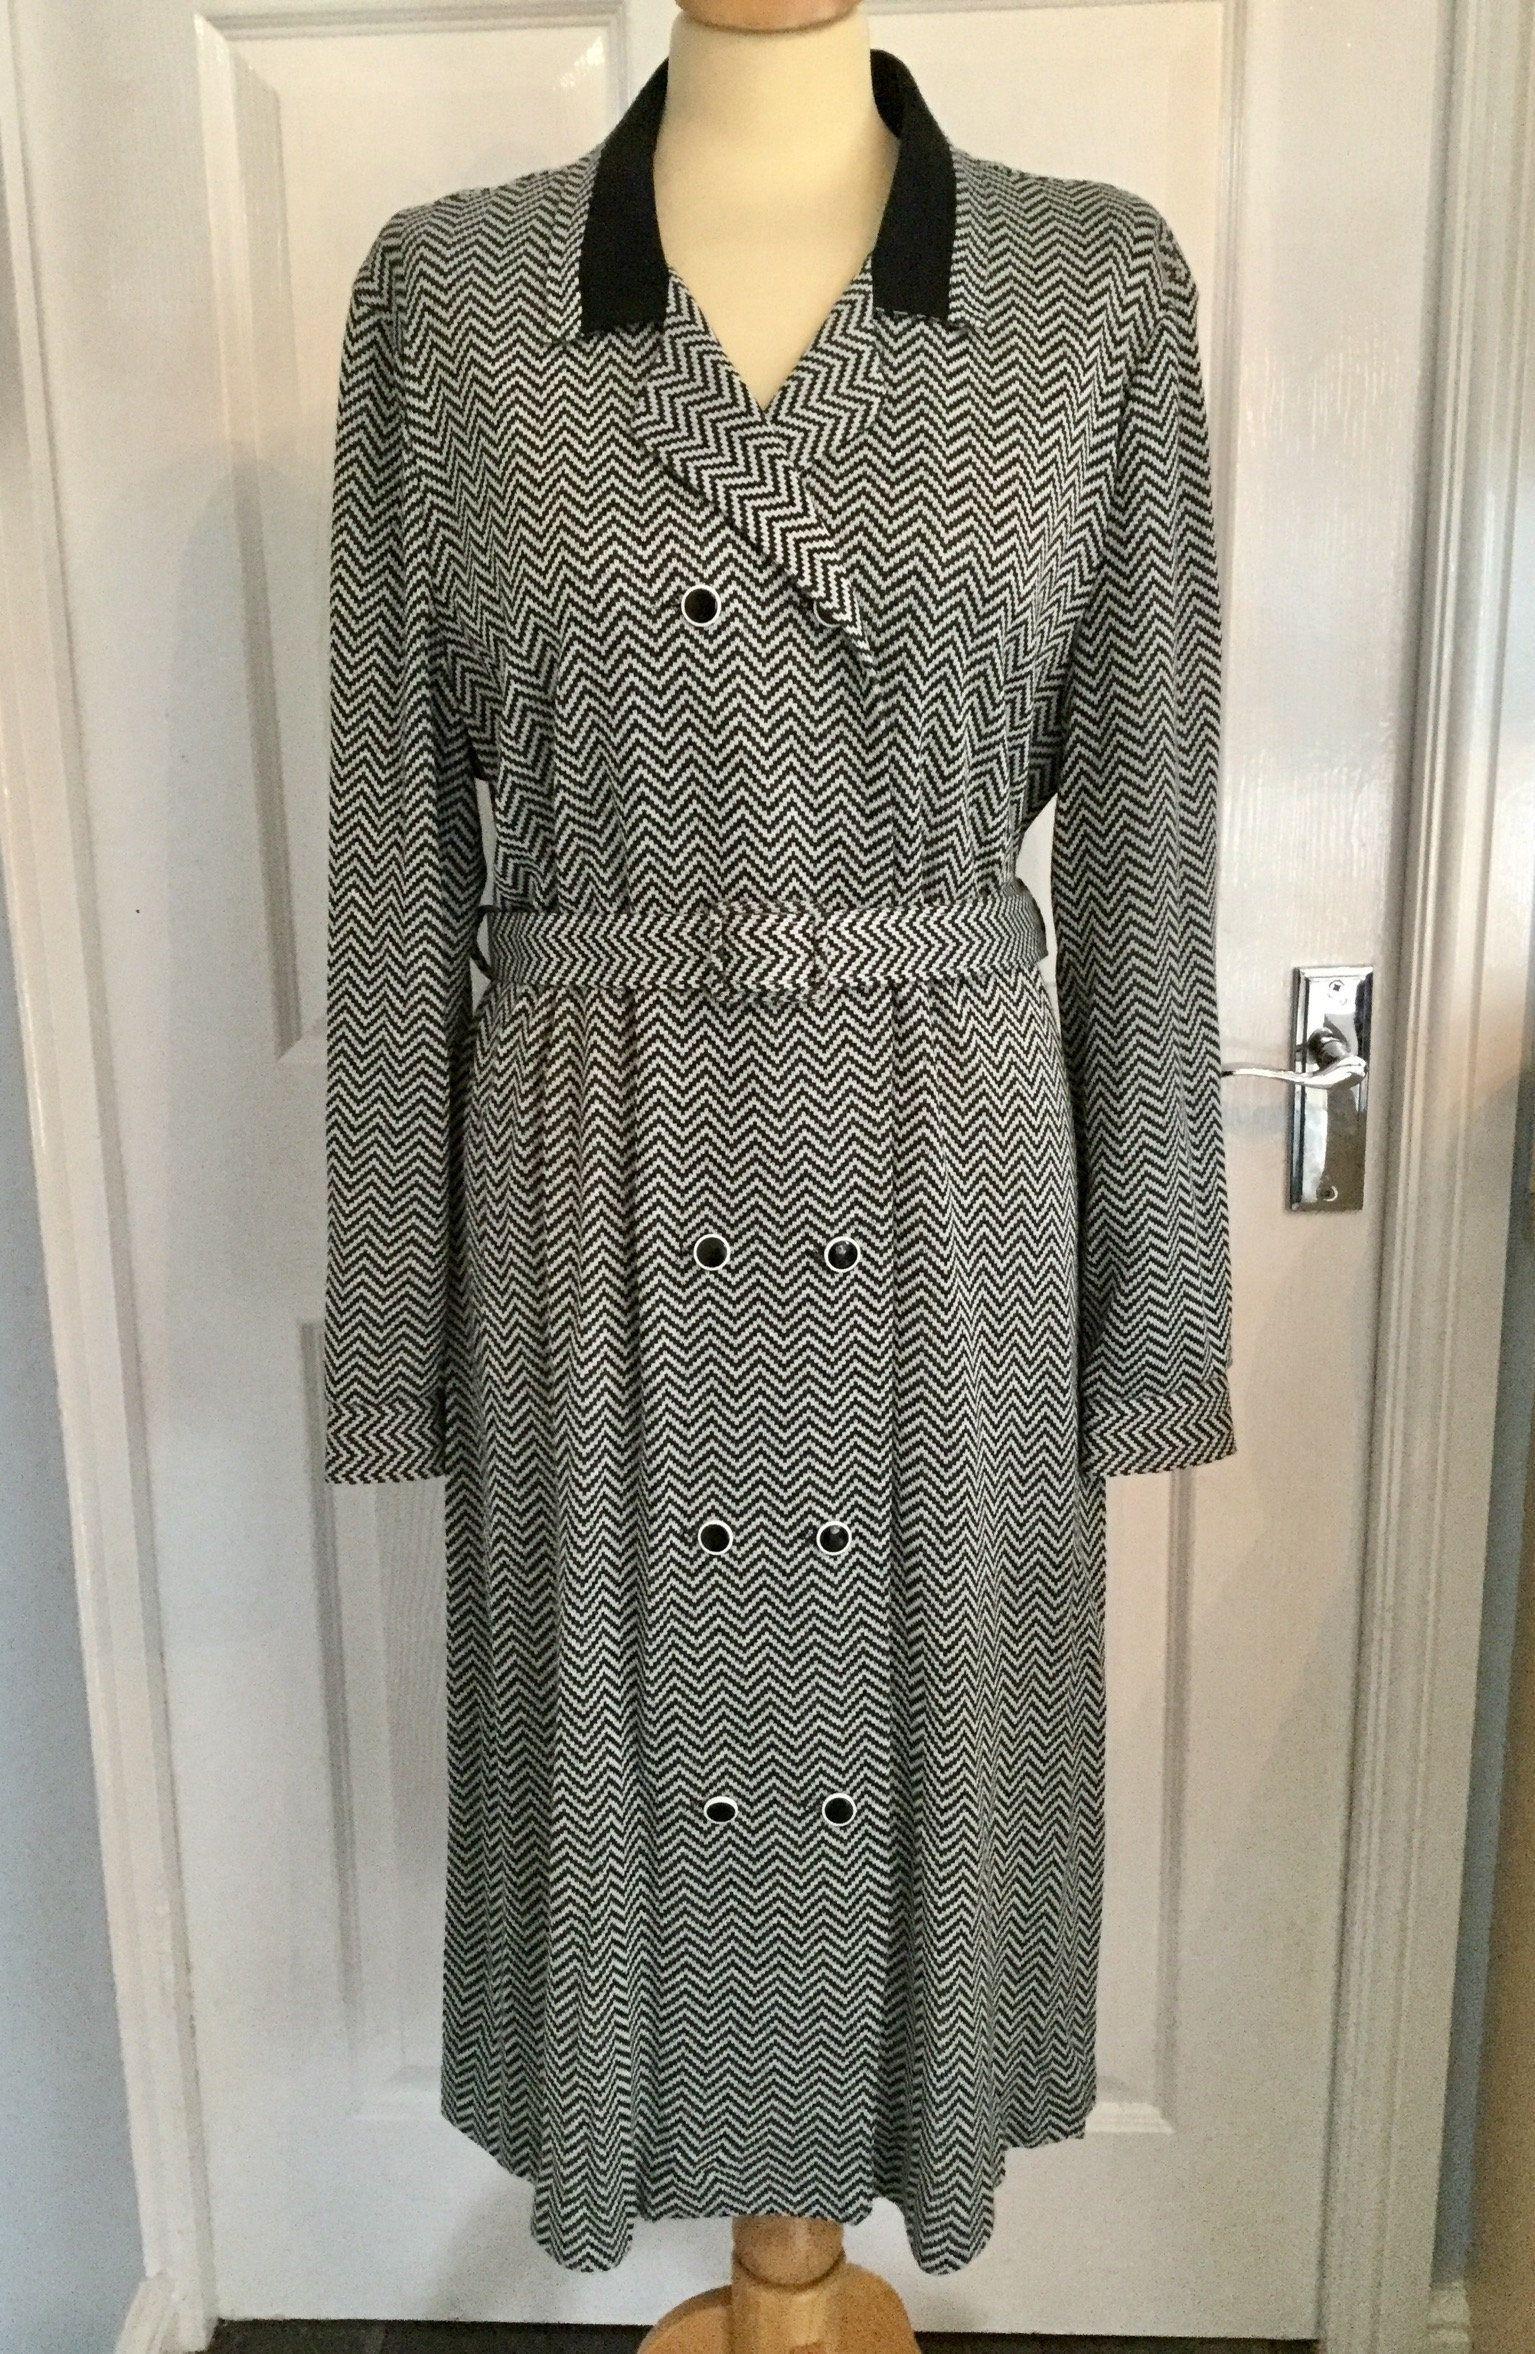 Alexa Vintage Retro Size 22 Dress 80s Black White Etsy Size 22 Dresses Dresses 80s Dress